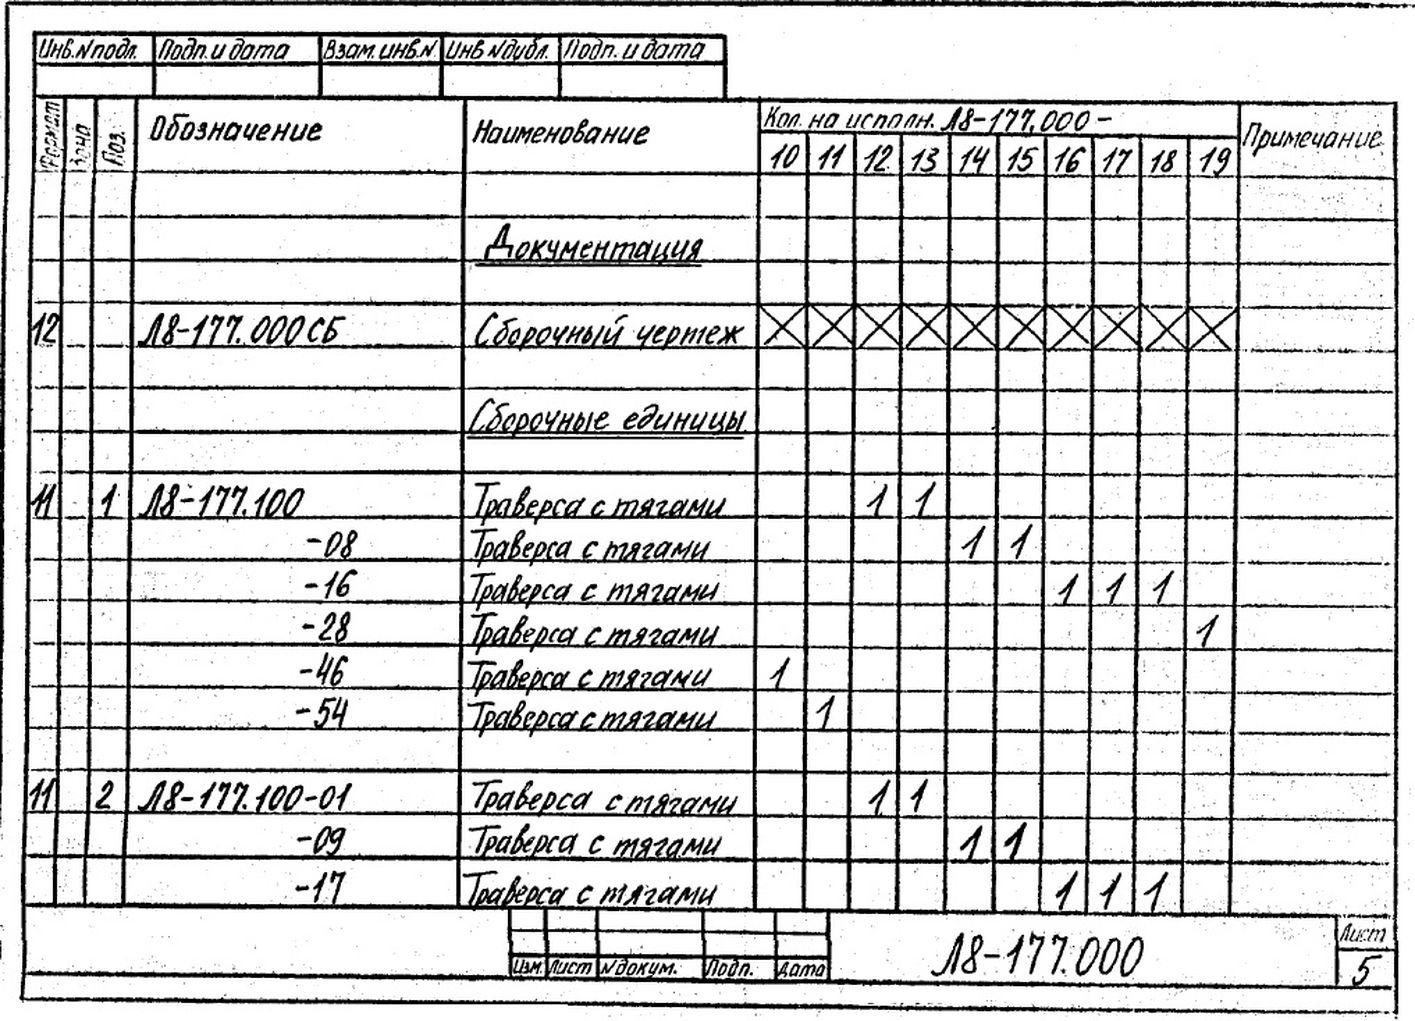 Блок пружинный Л8-177.000 стр.7